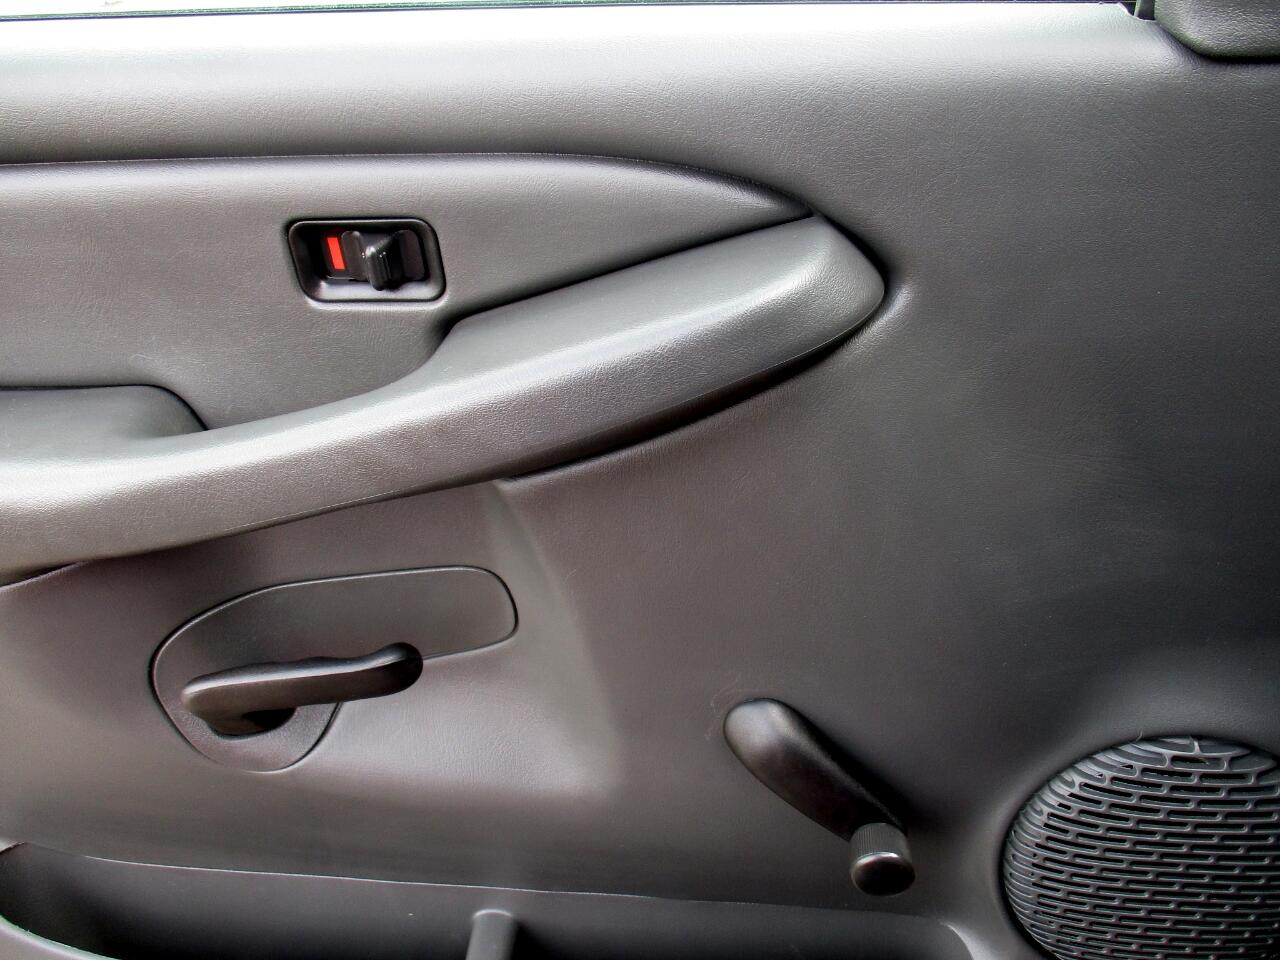 2006 Chevrolet Silverado 1500 Reg Cab 133.0